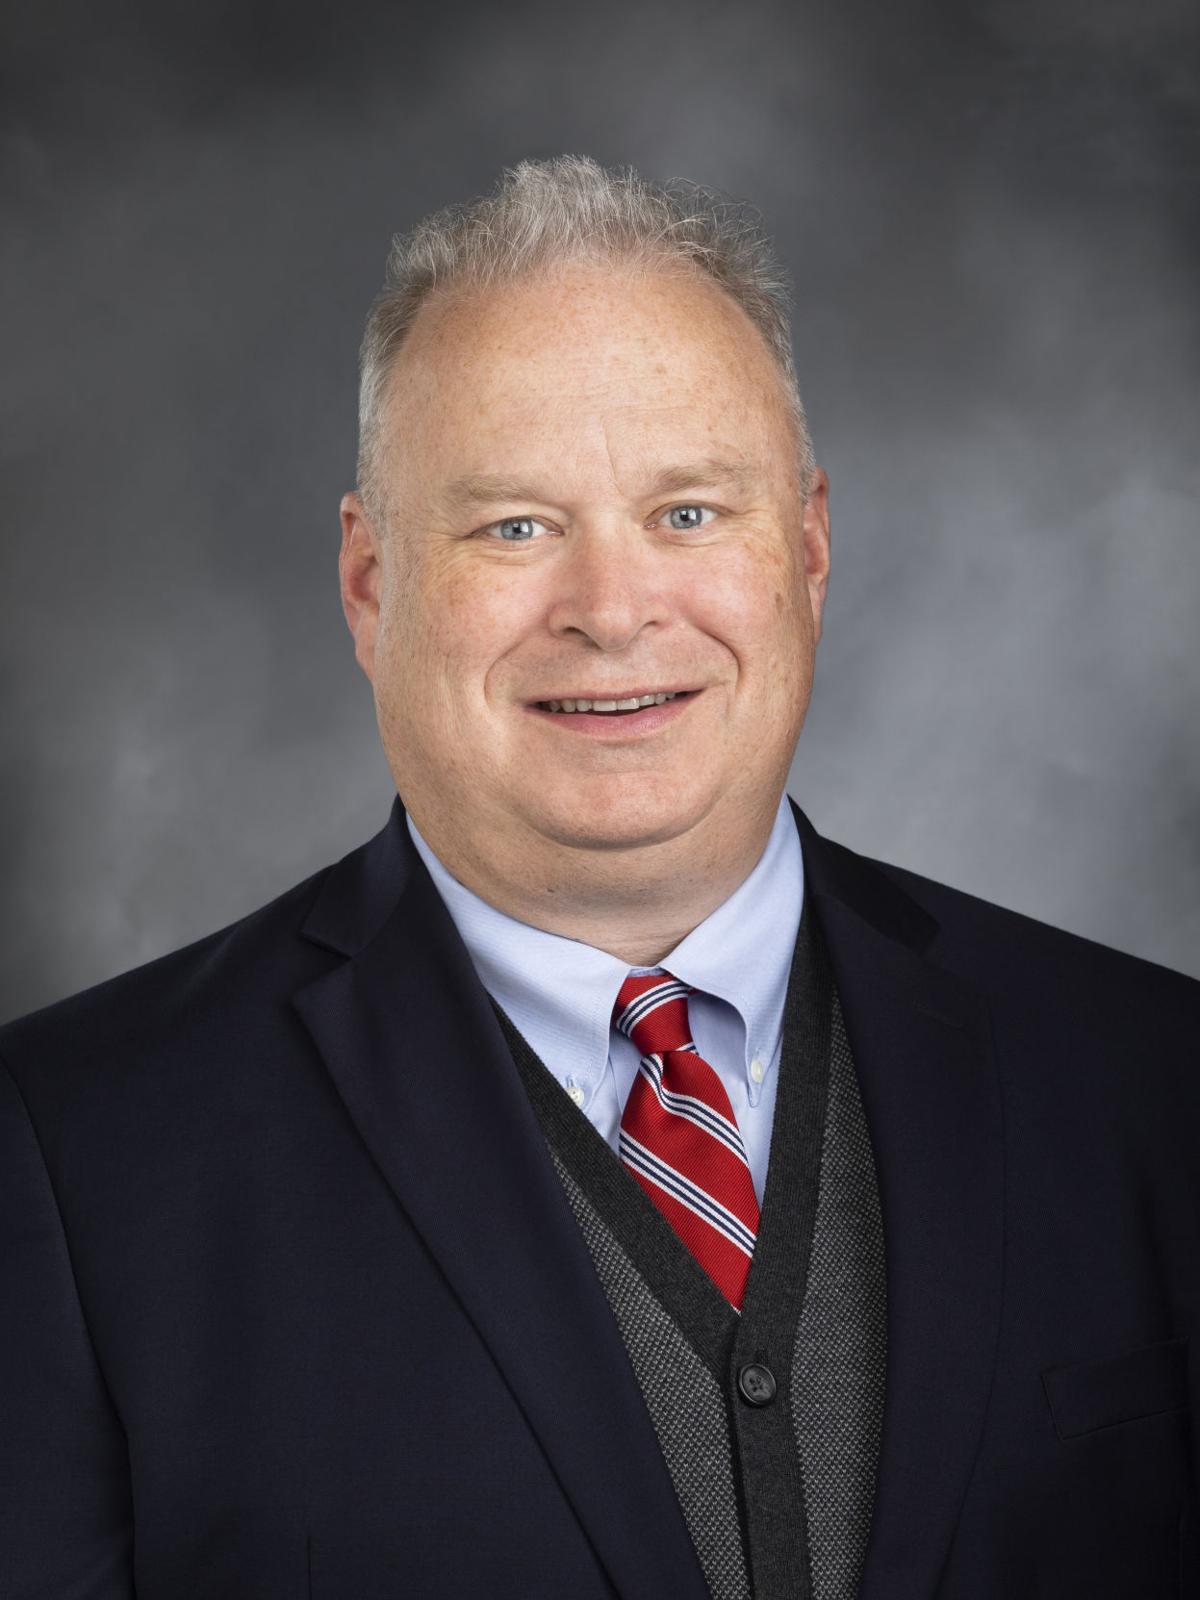 State Rep. Jim Walsh